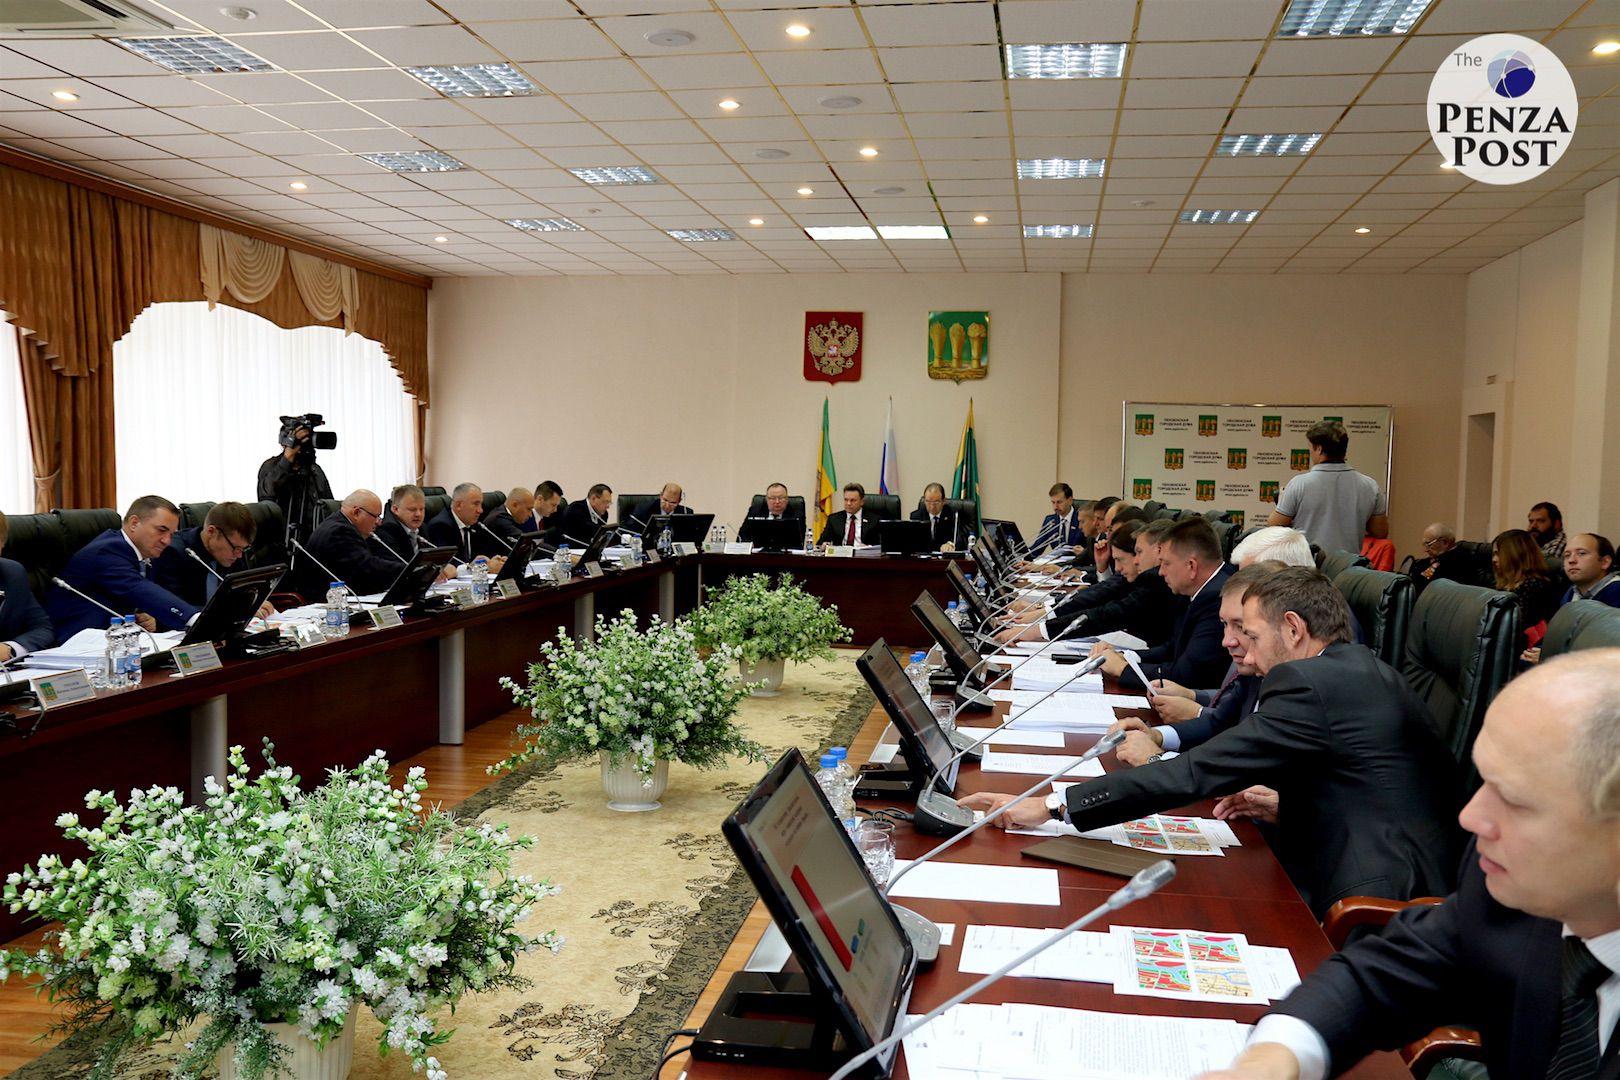 Список претендентов в Мундепию от КПРФ в Пензе прогнозирует старую «новую» Думу - мнение